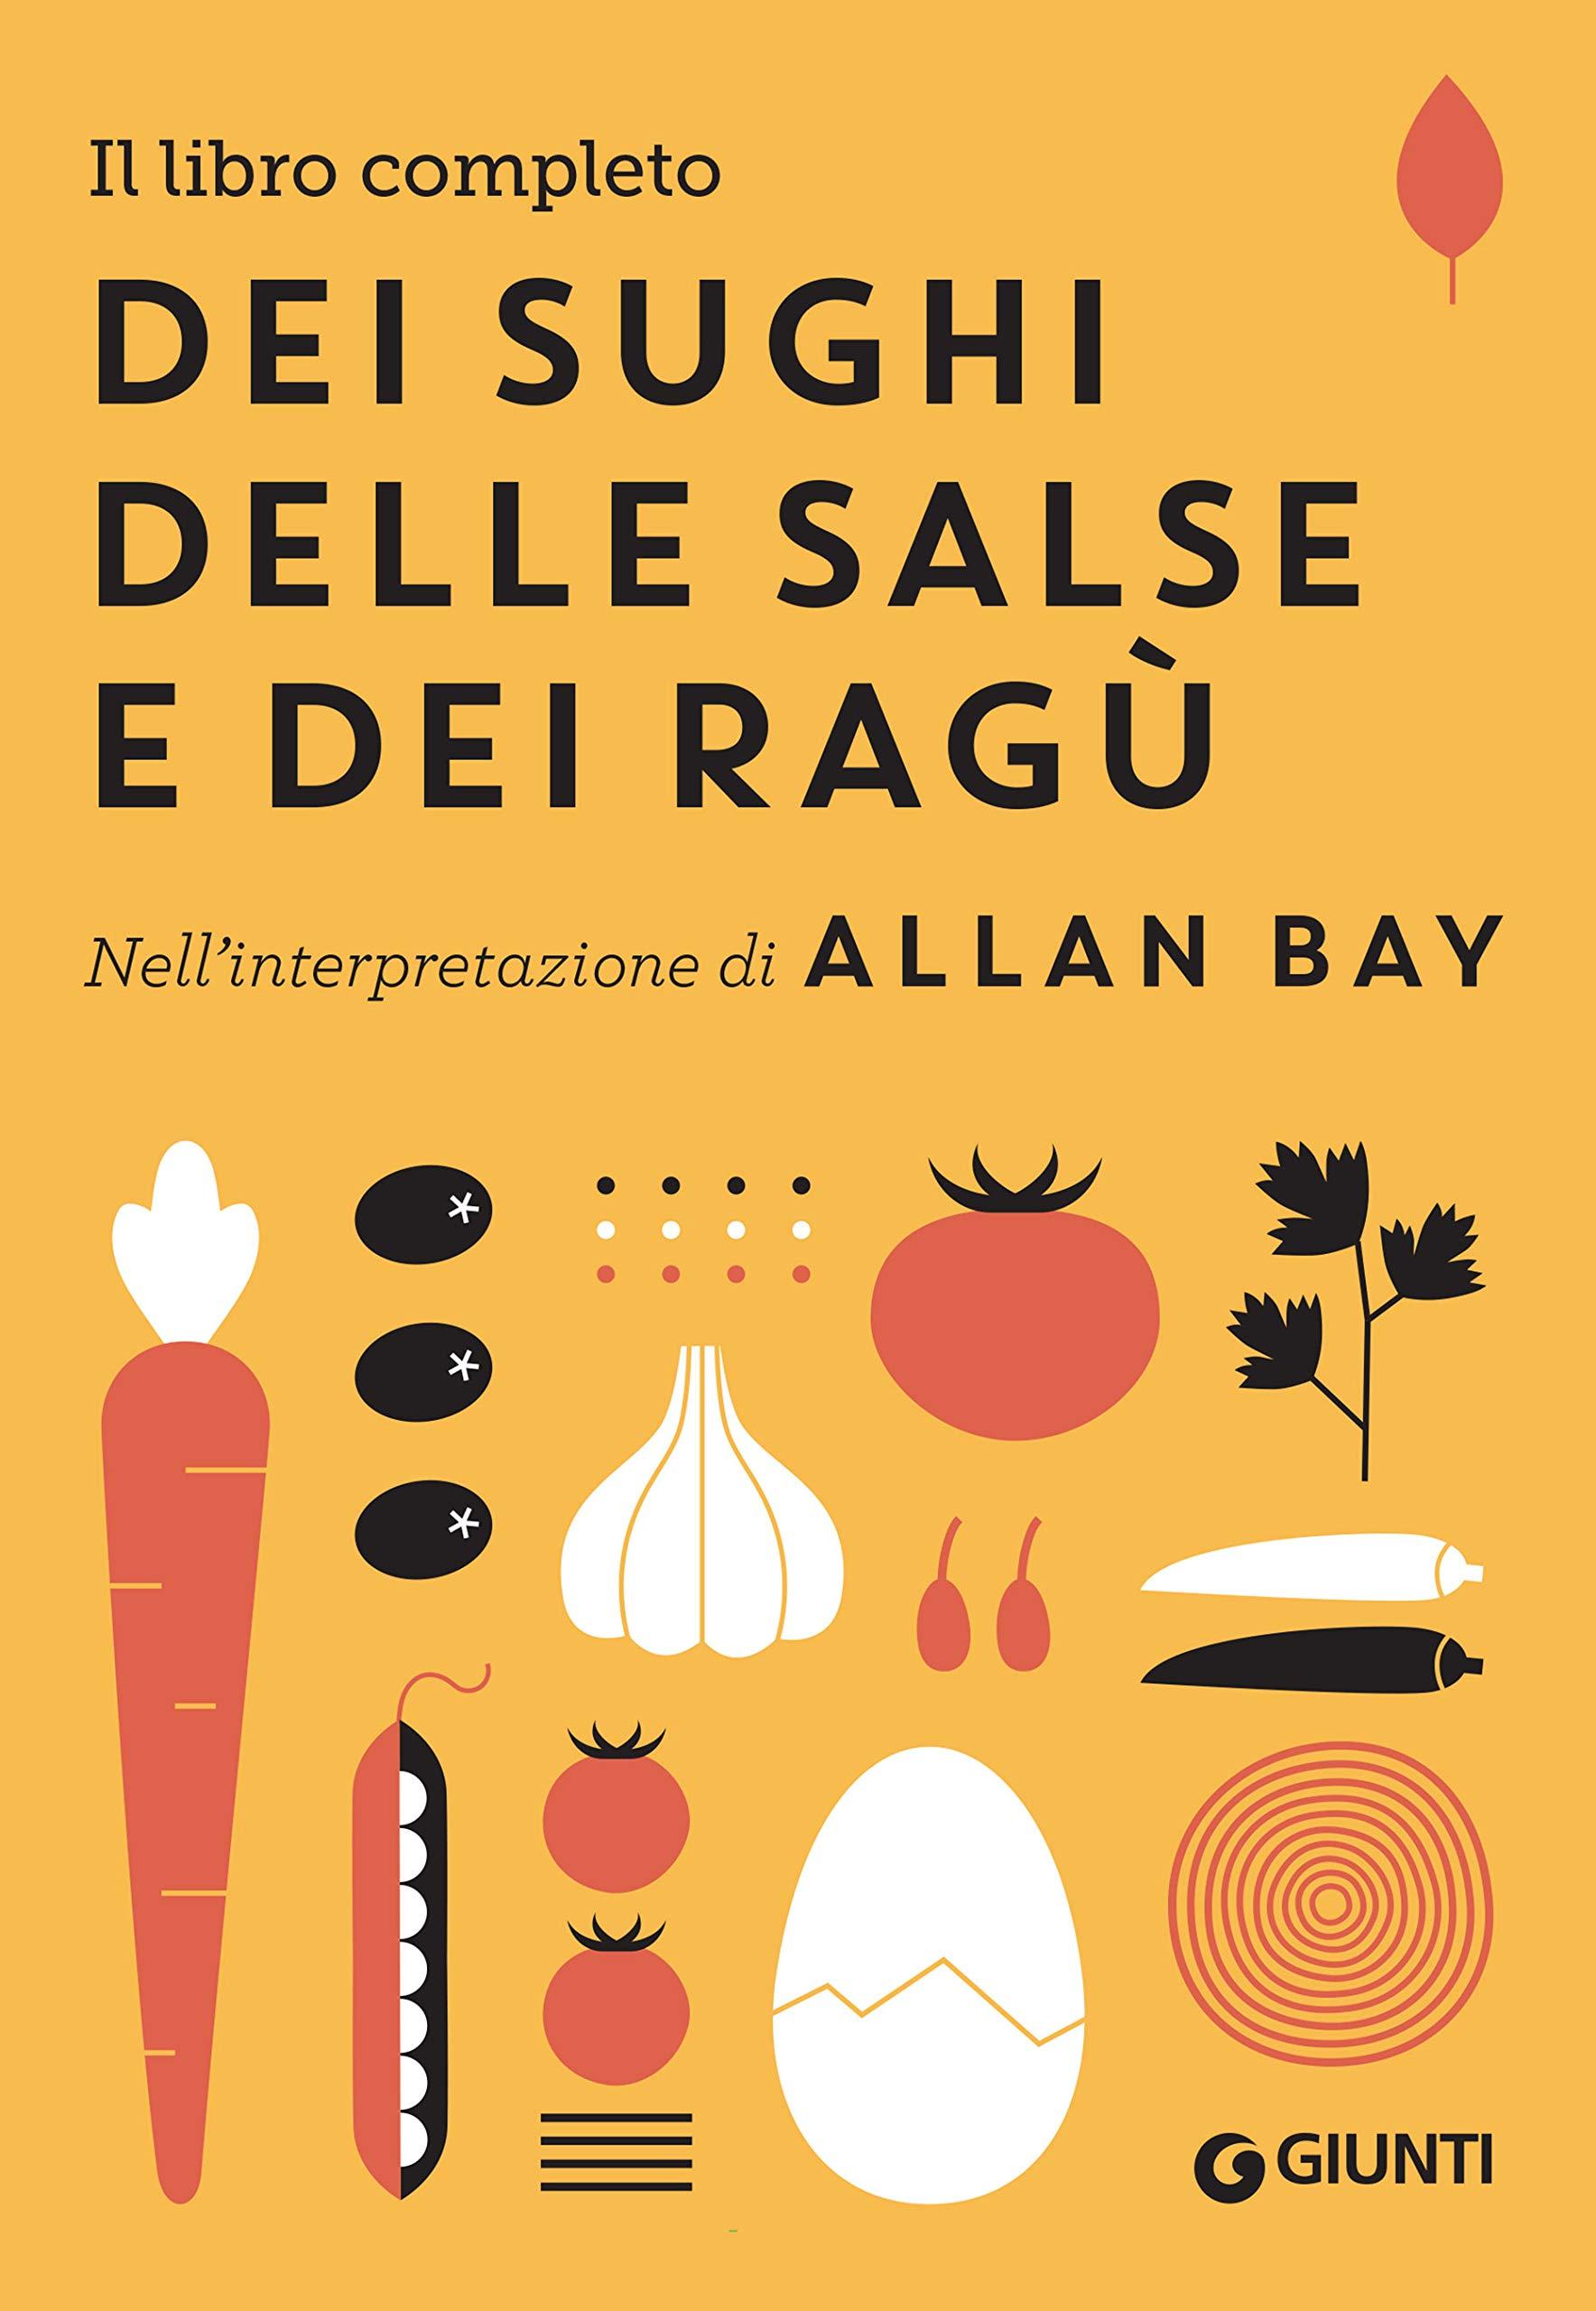 Il libro completo dei sughi, delle salse e dei ragù: Nell'interpretazione di Allan Bay Allan Bay